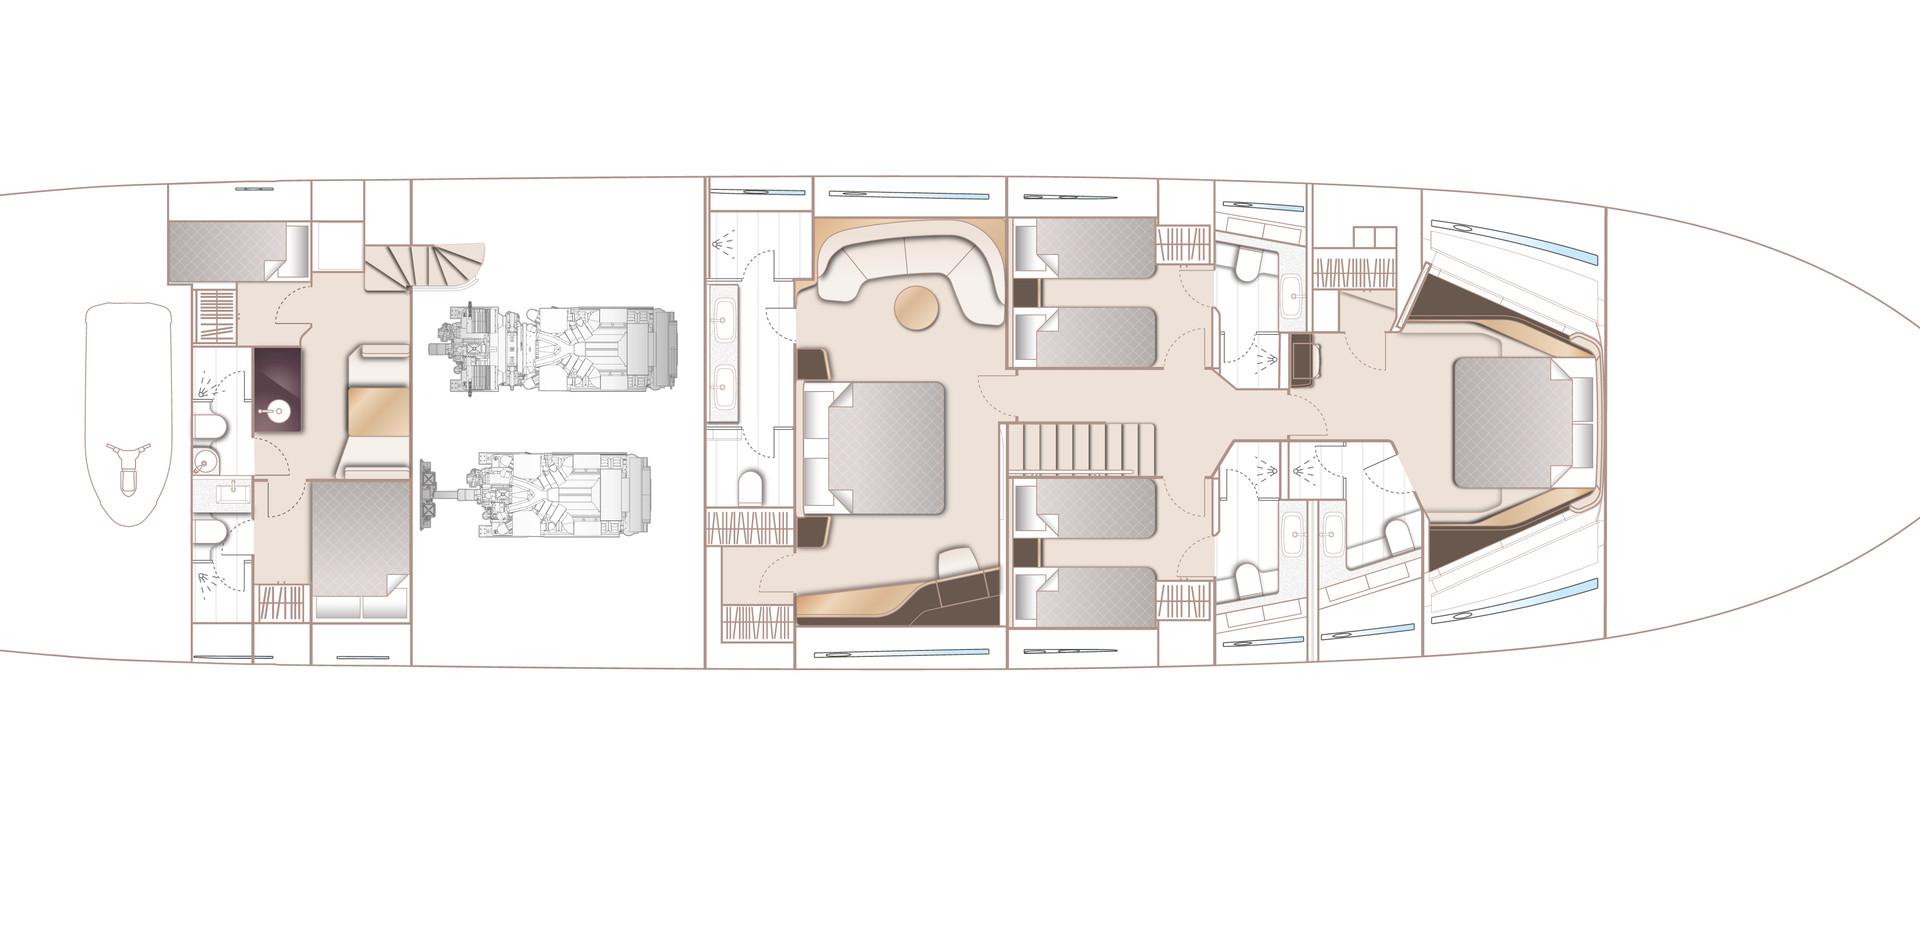 x95-lower-deck-standard.jpg